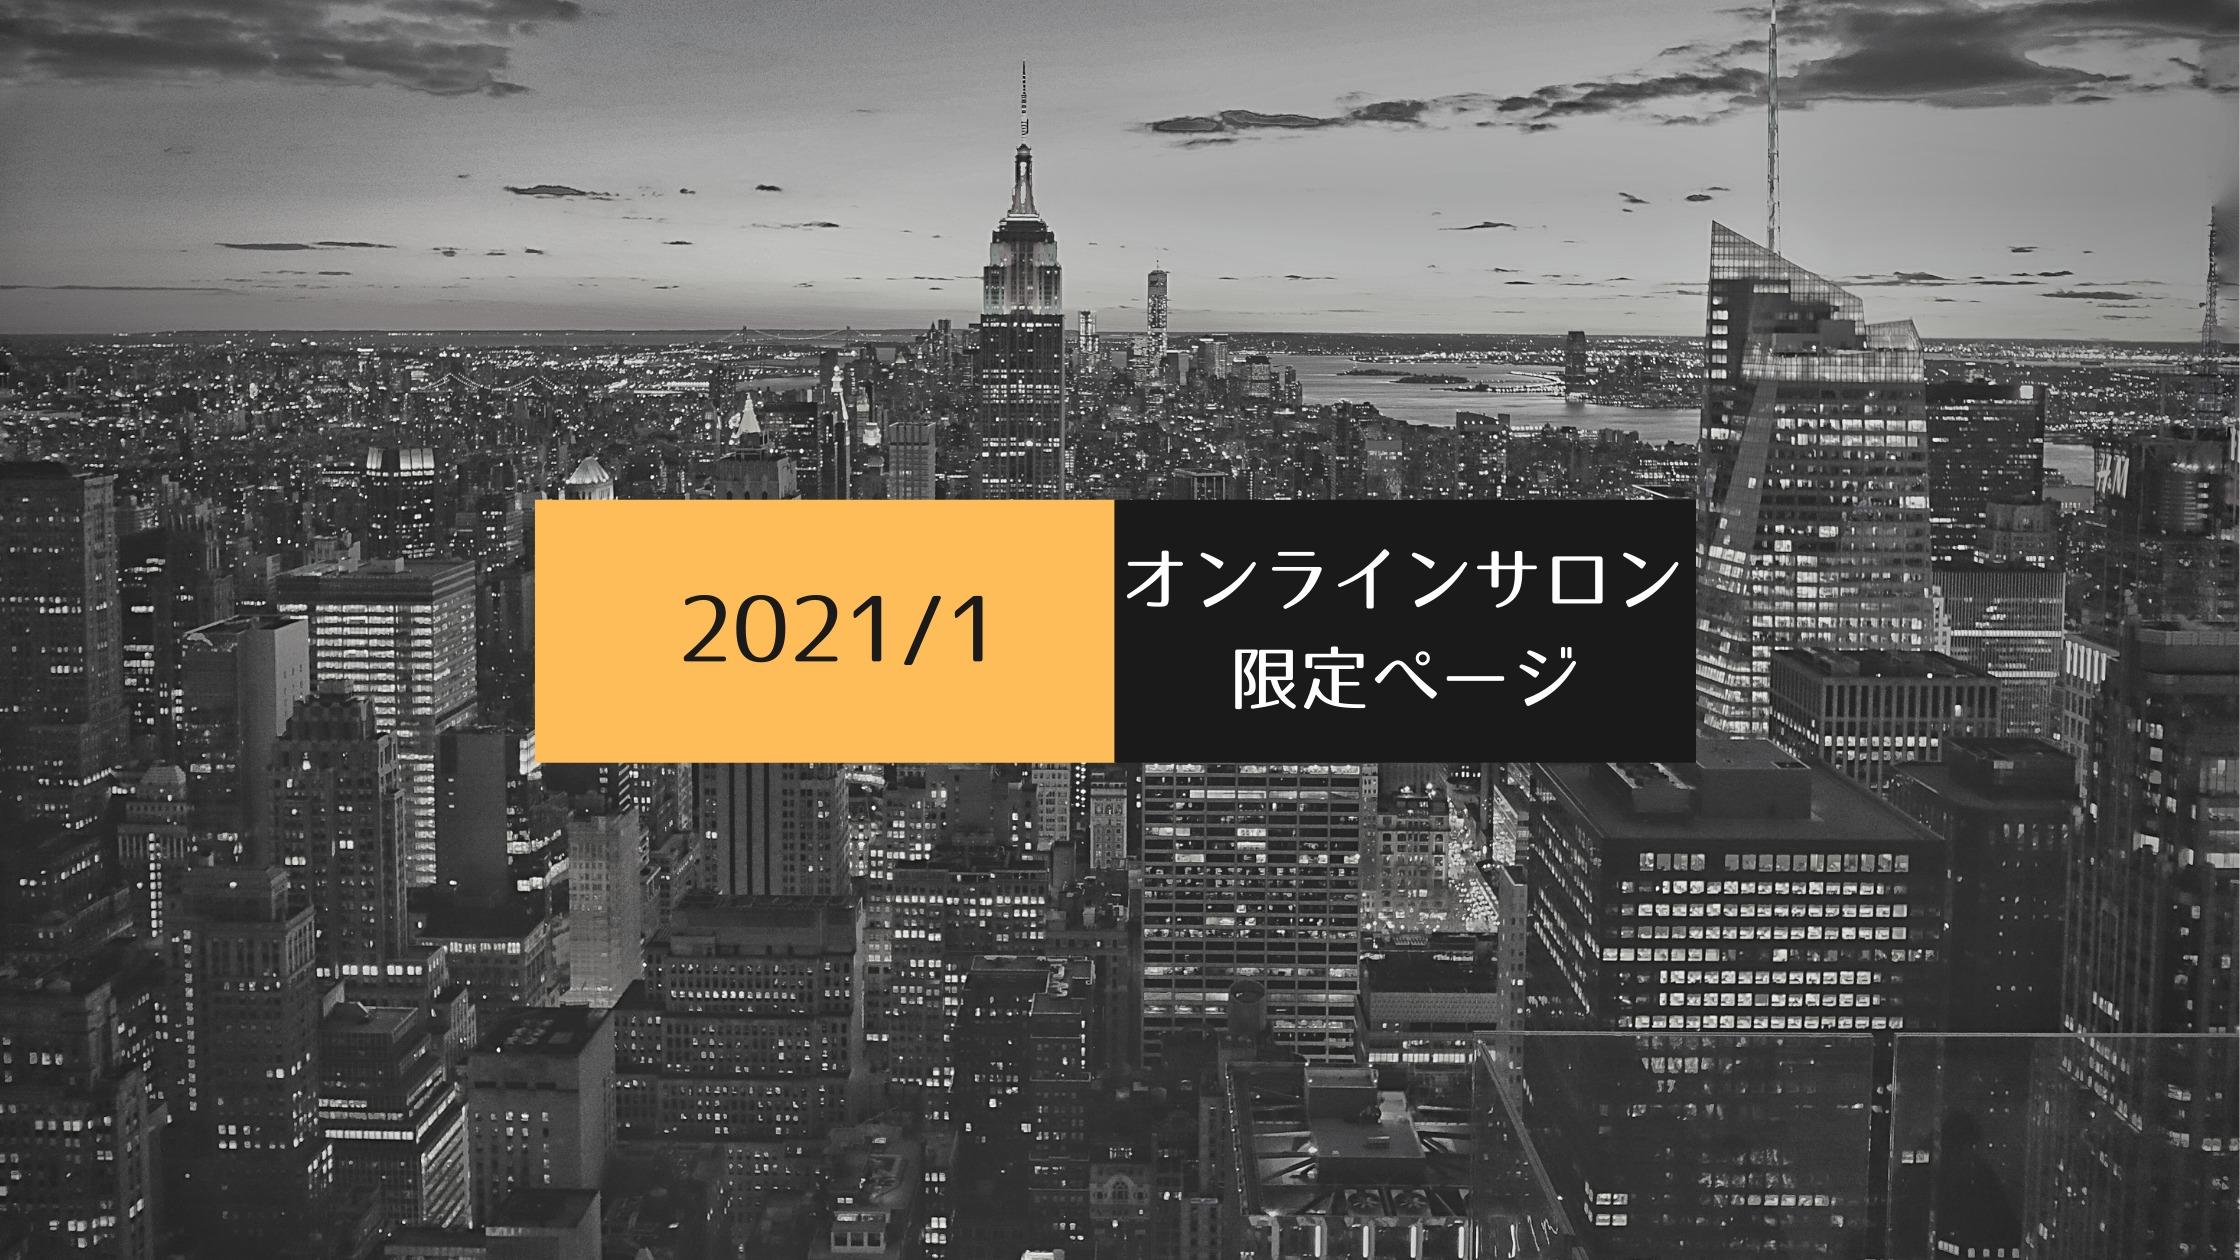 【2021年1月】転職キャリアサロン限定コンテンツ